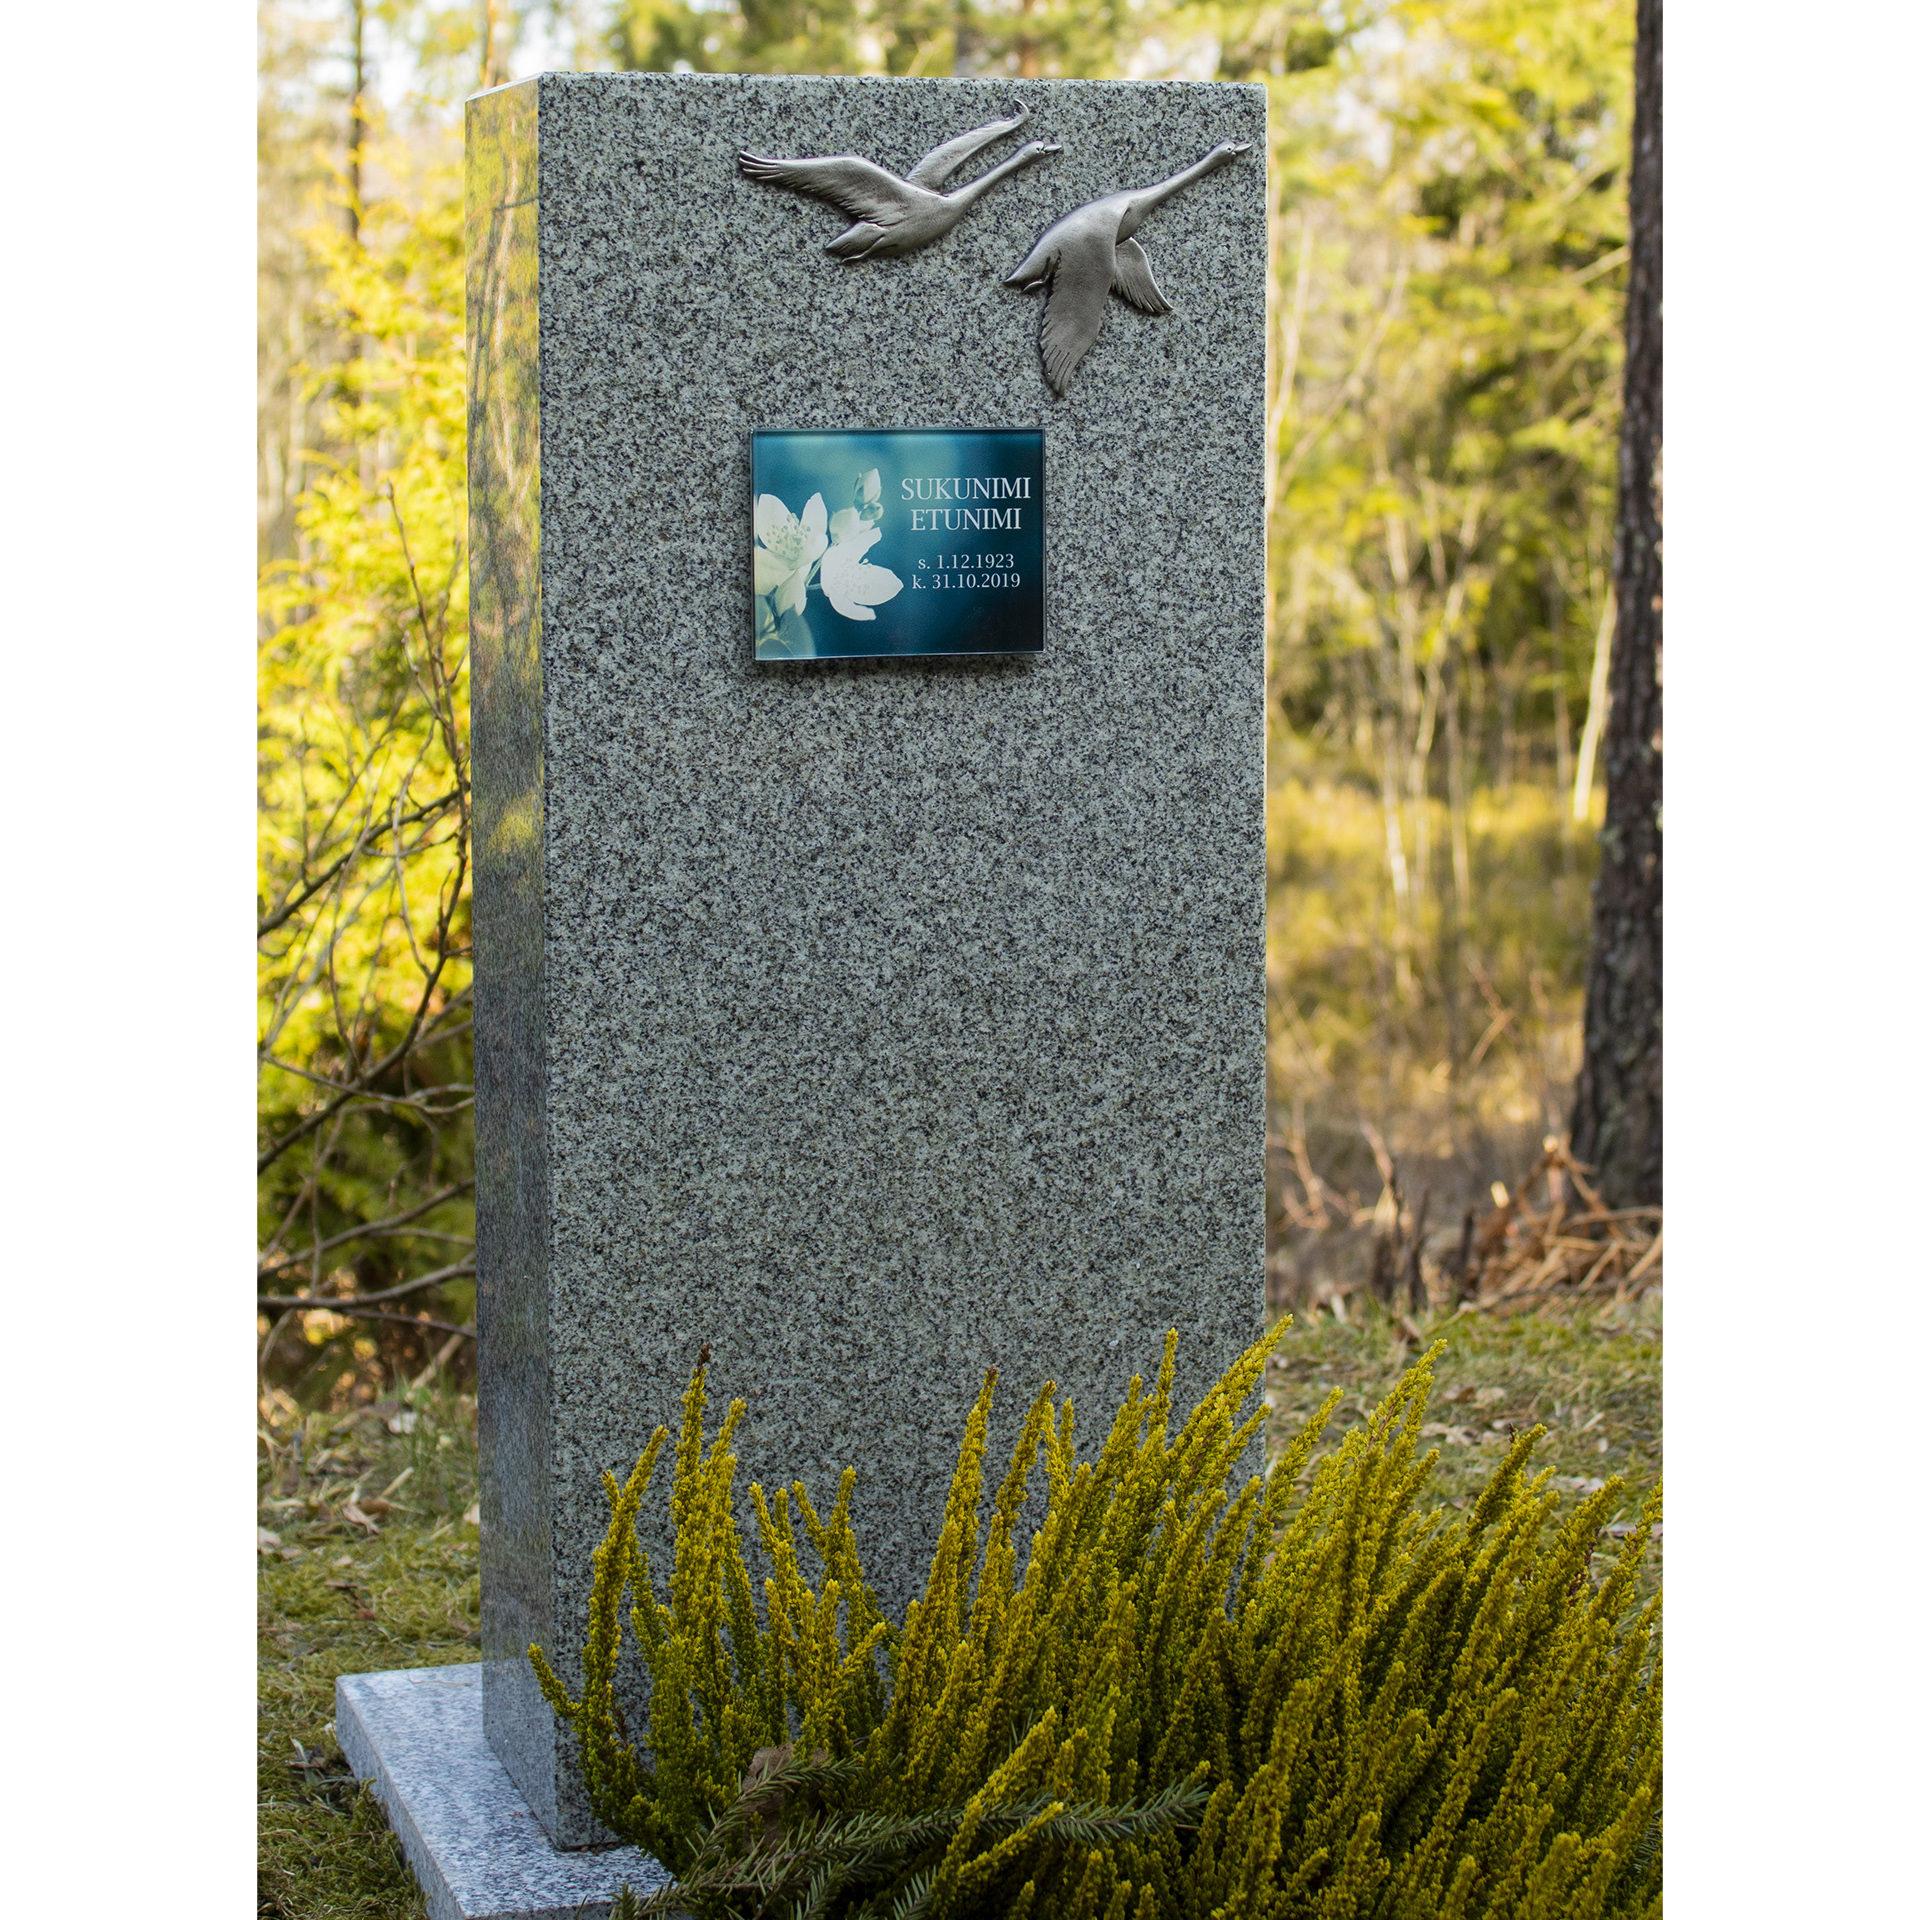 Tässä kuvassa on hautakivi Joutsenpari. Hautakivi on väritykseltään harmaa ja muodoltaan korkea suorakulmio. Koriste joutsenet ovat hautakiven yläosassa.